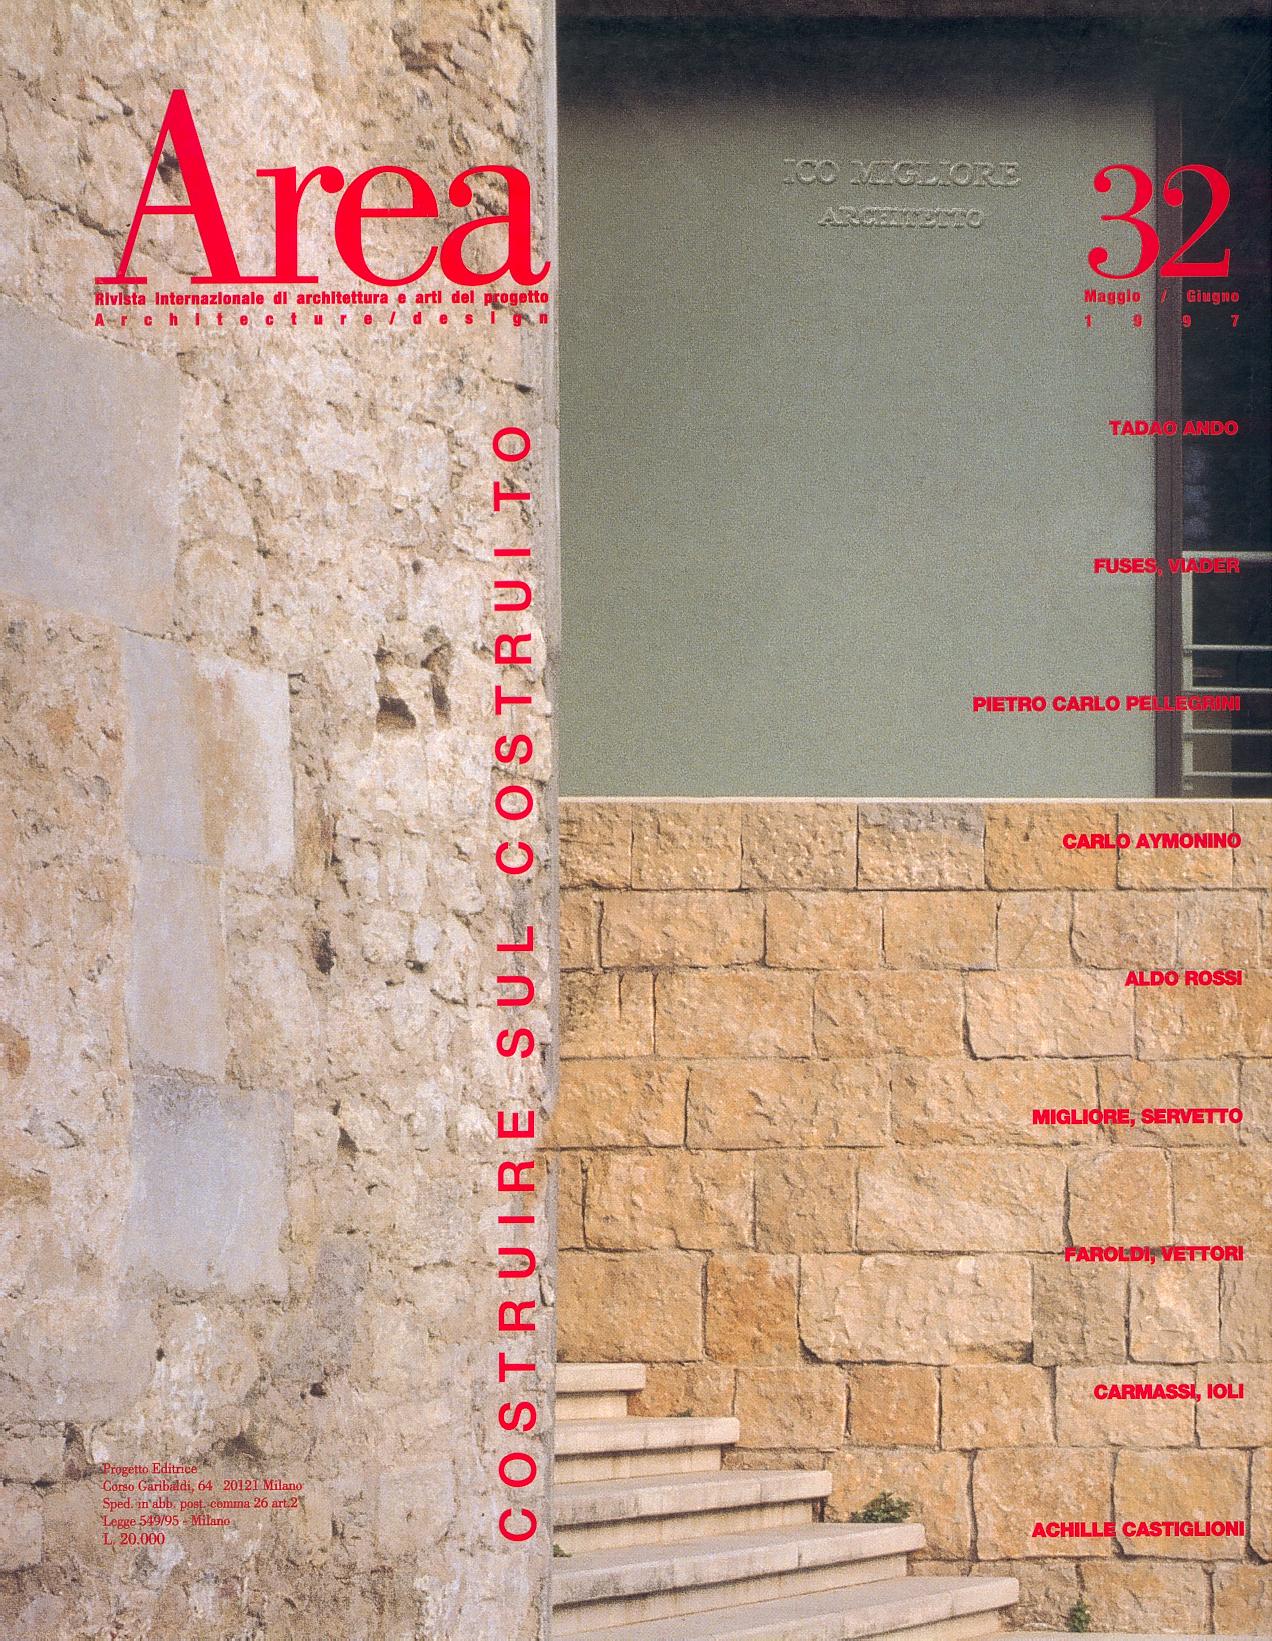 area97-32-0